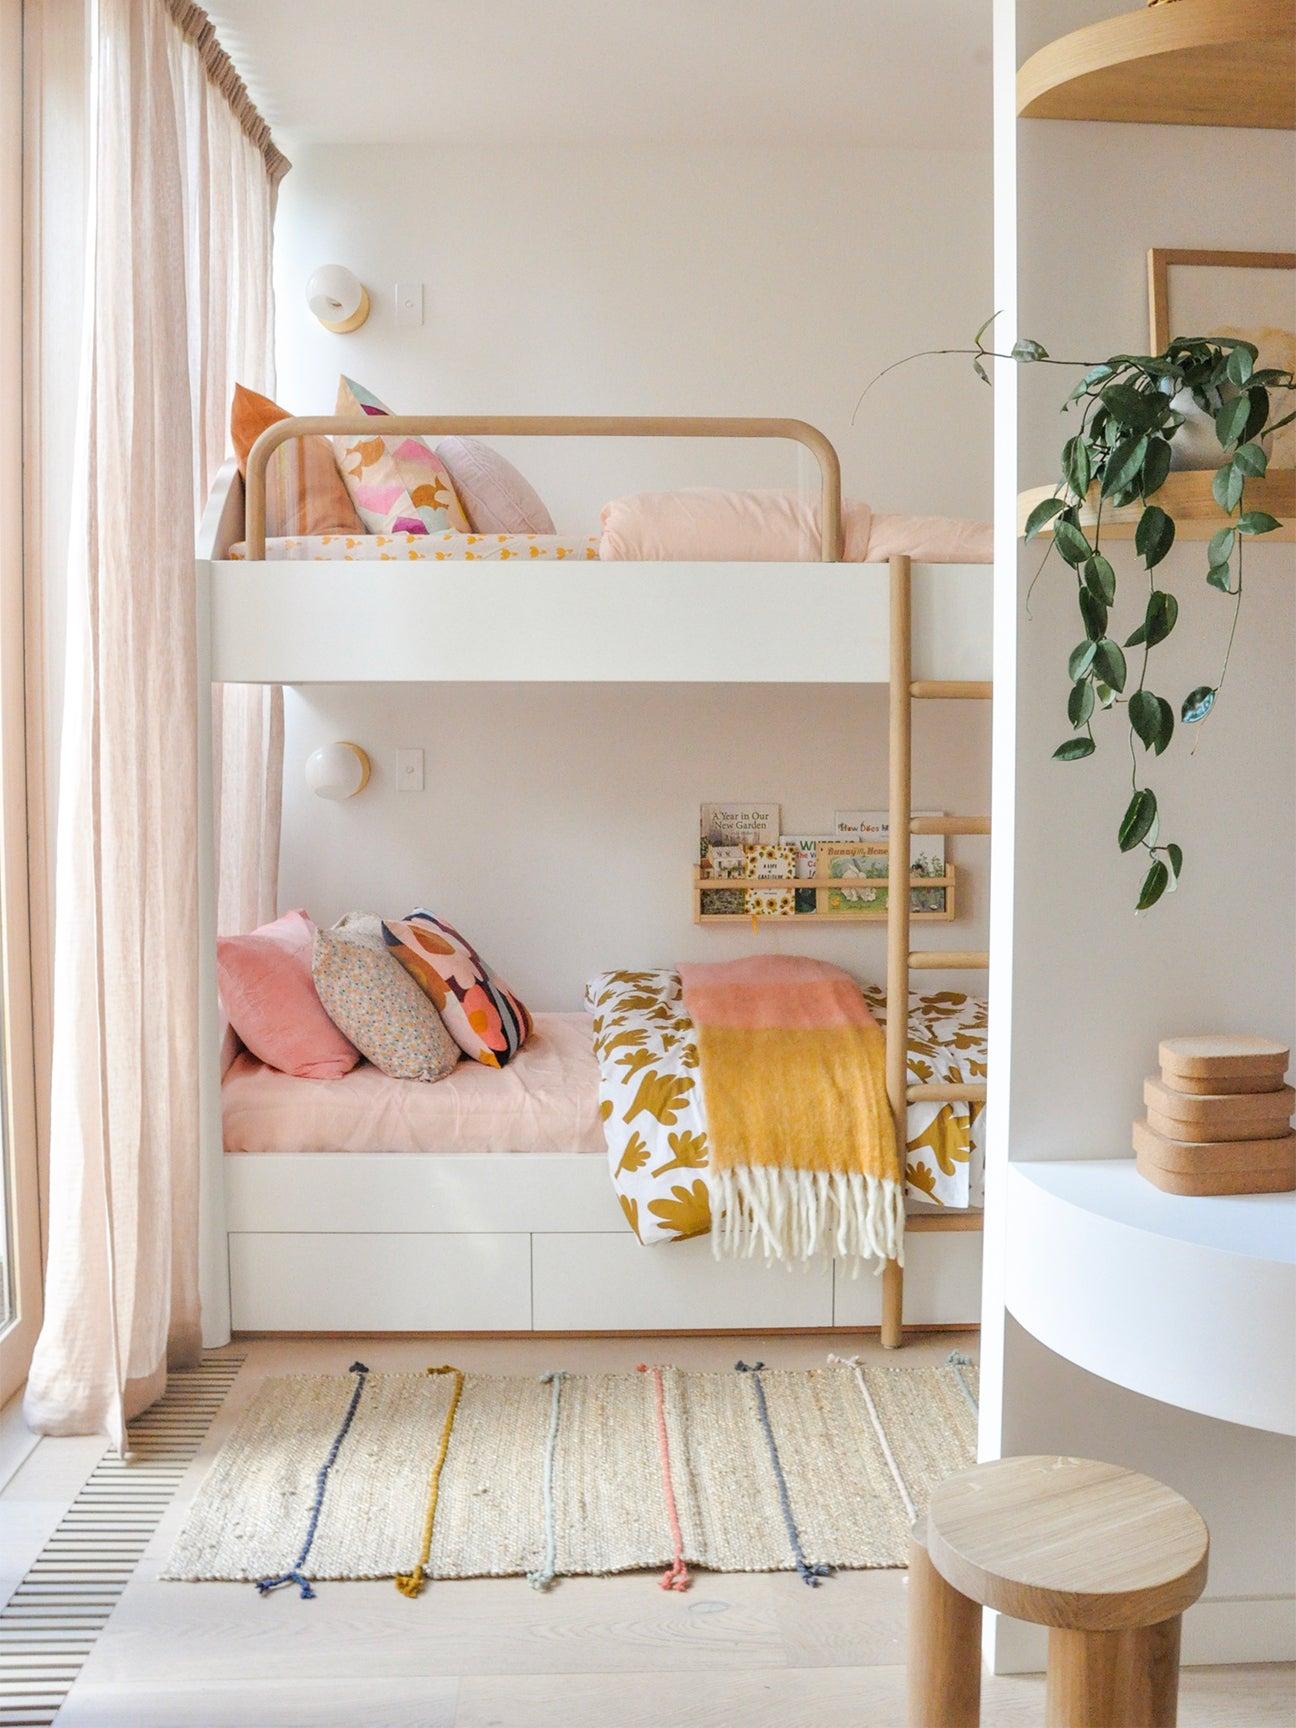 bunk-beds-design-domino-2